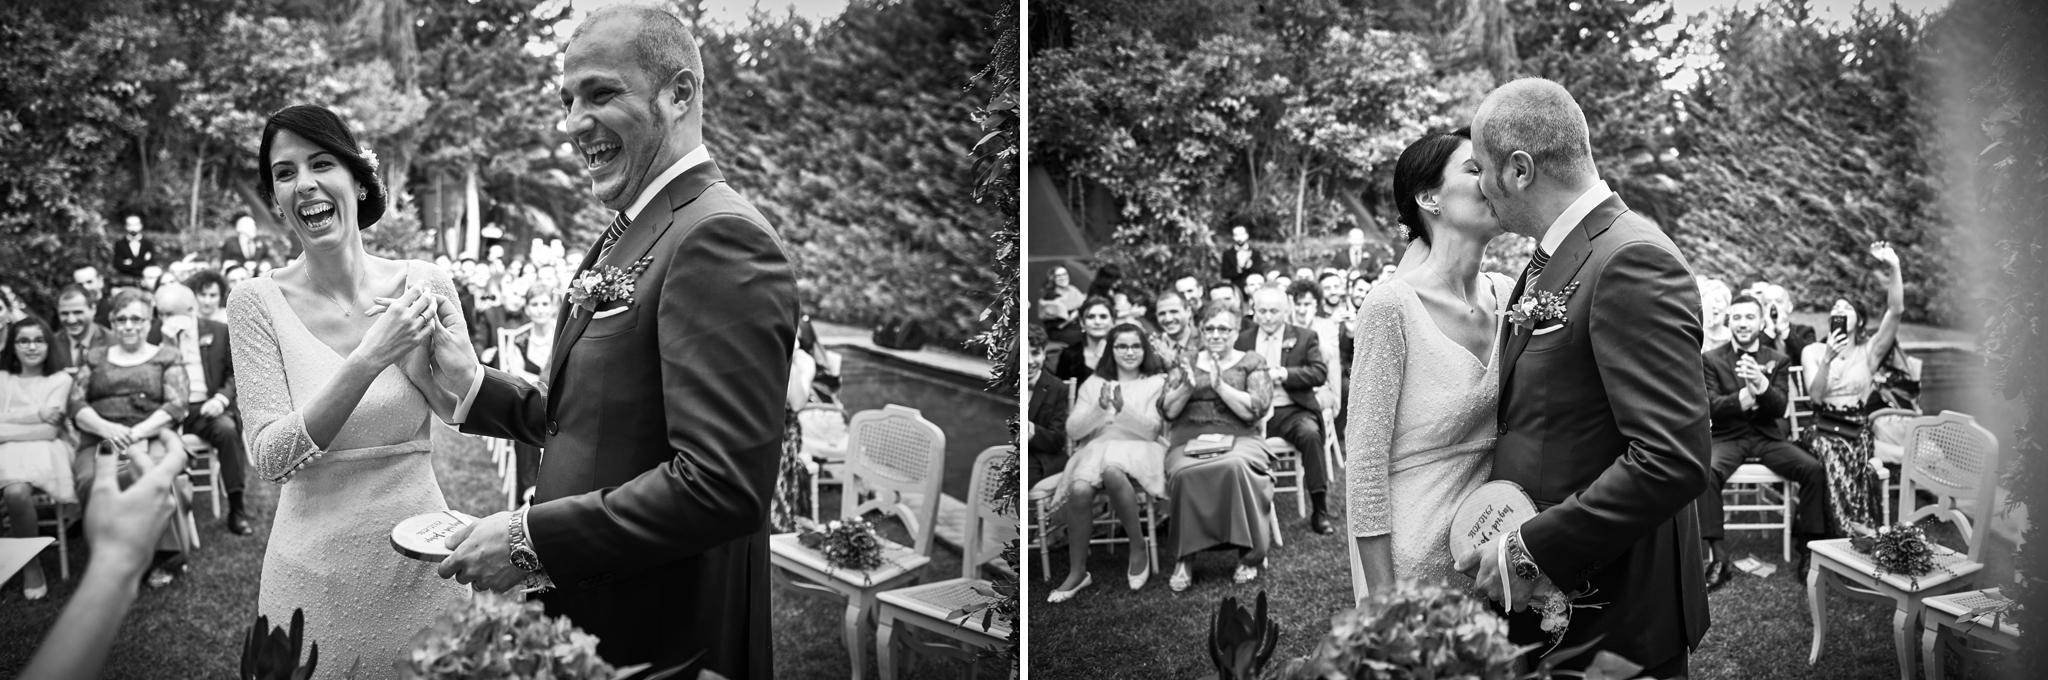 fotografia-boda-barcelona26.jpg